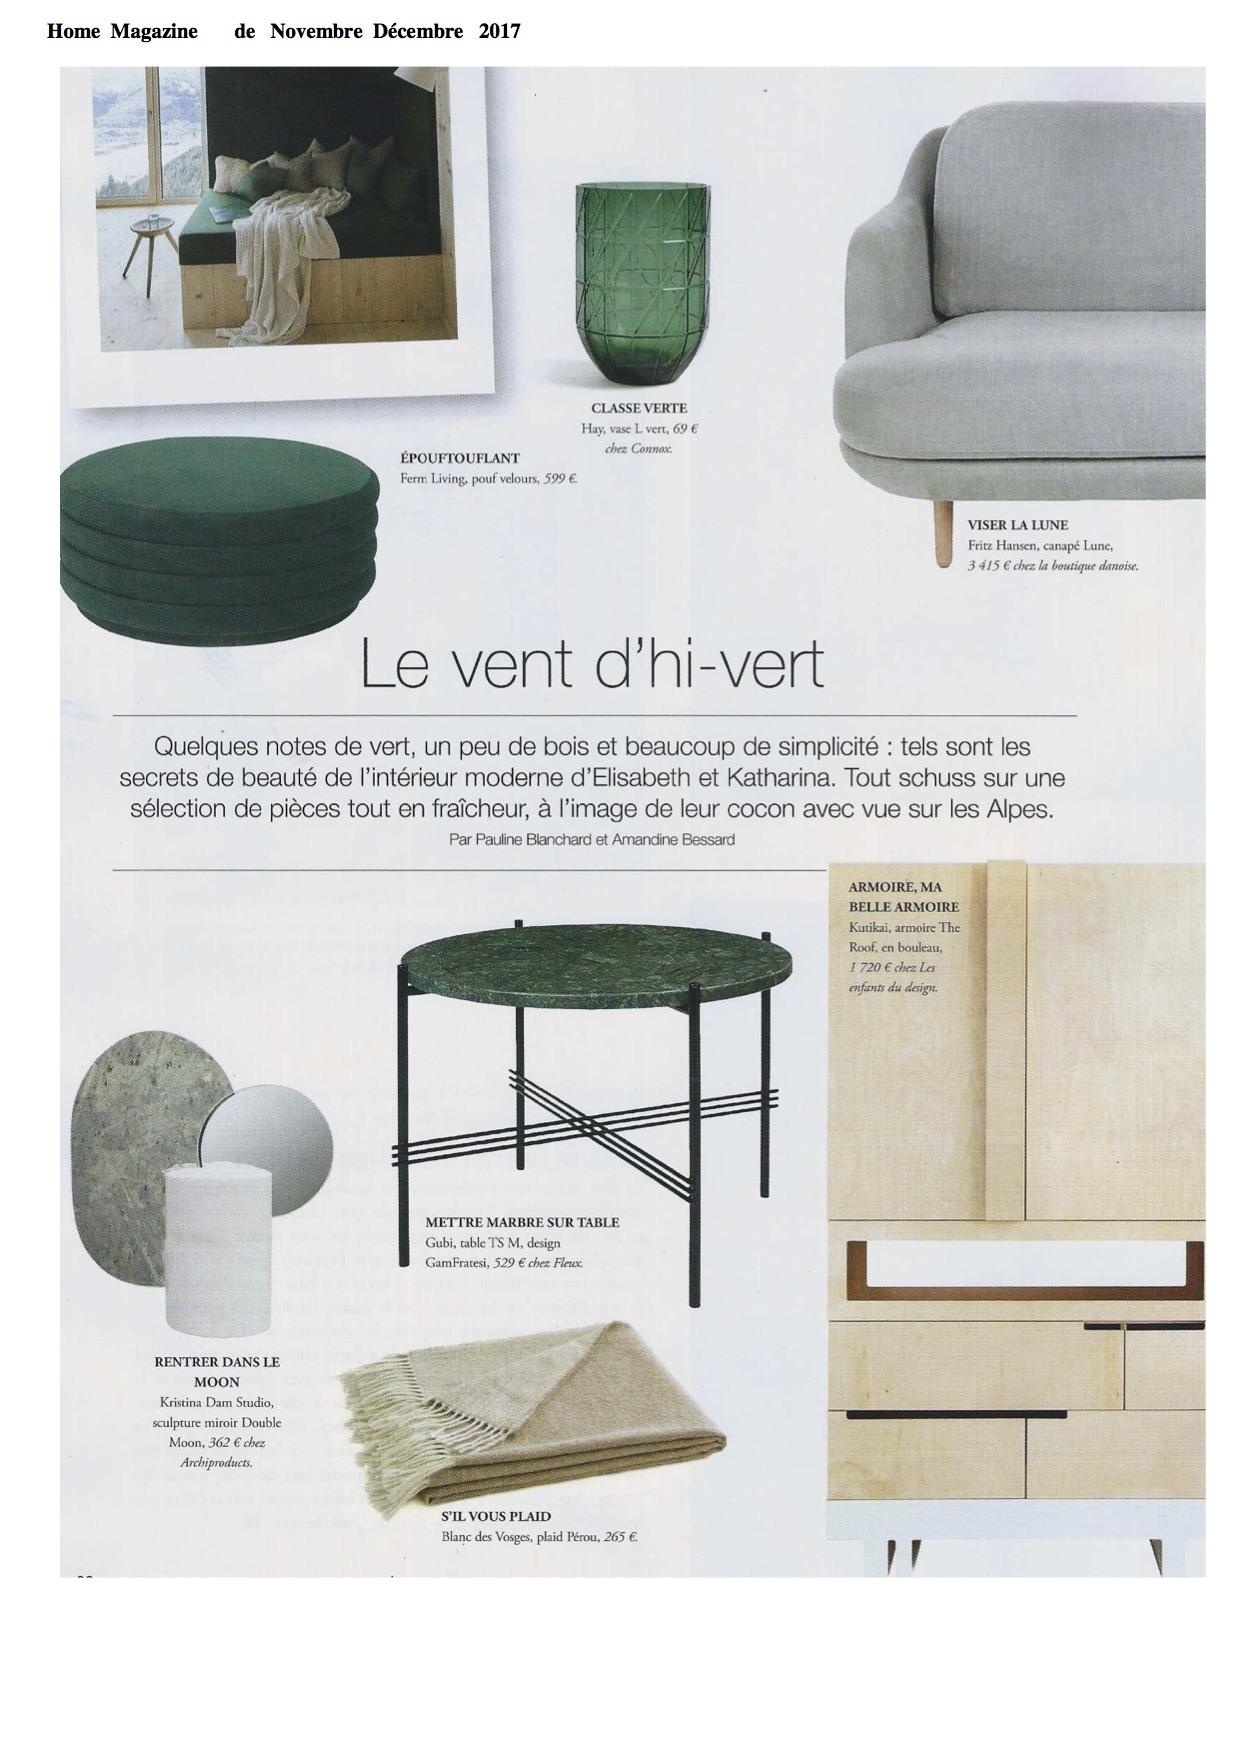 Home_Magazine_i_de_Novembre_Decembre-20172.jpg